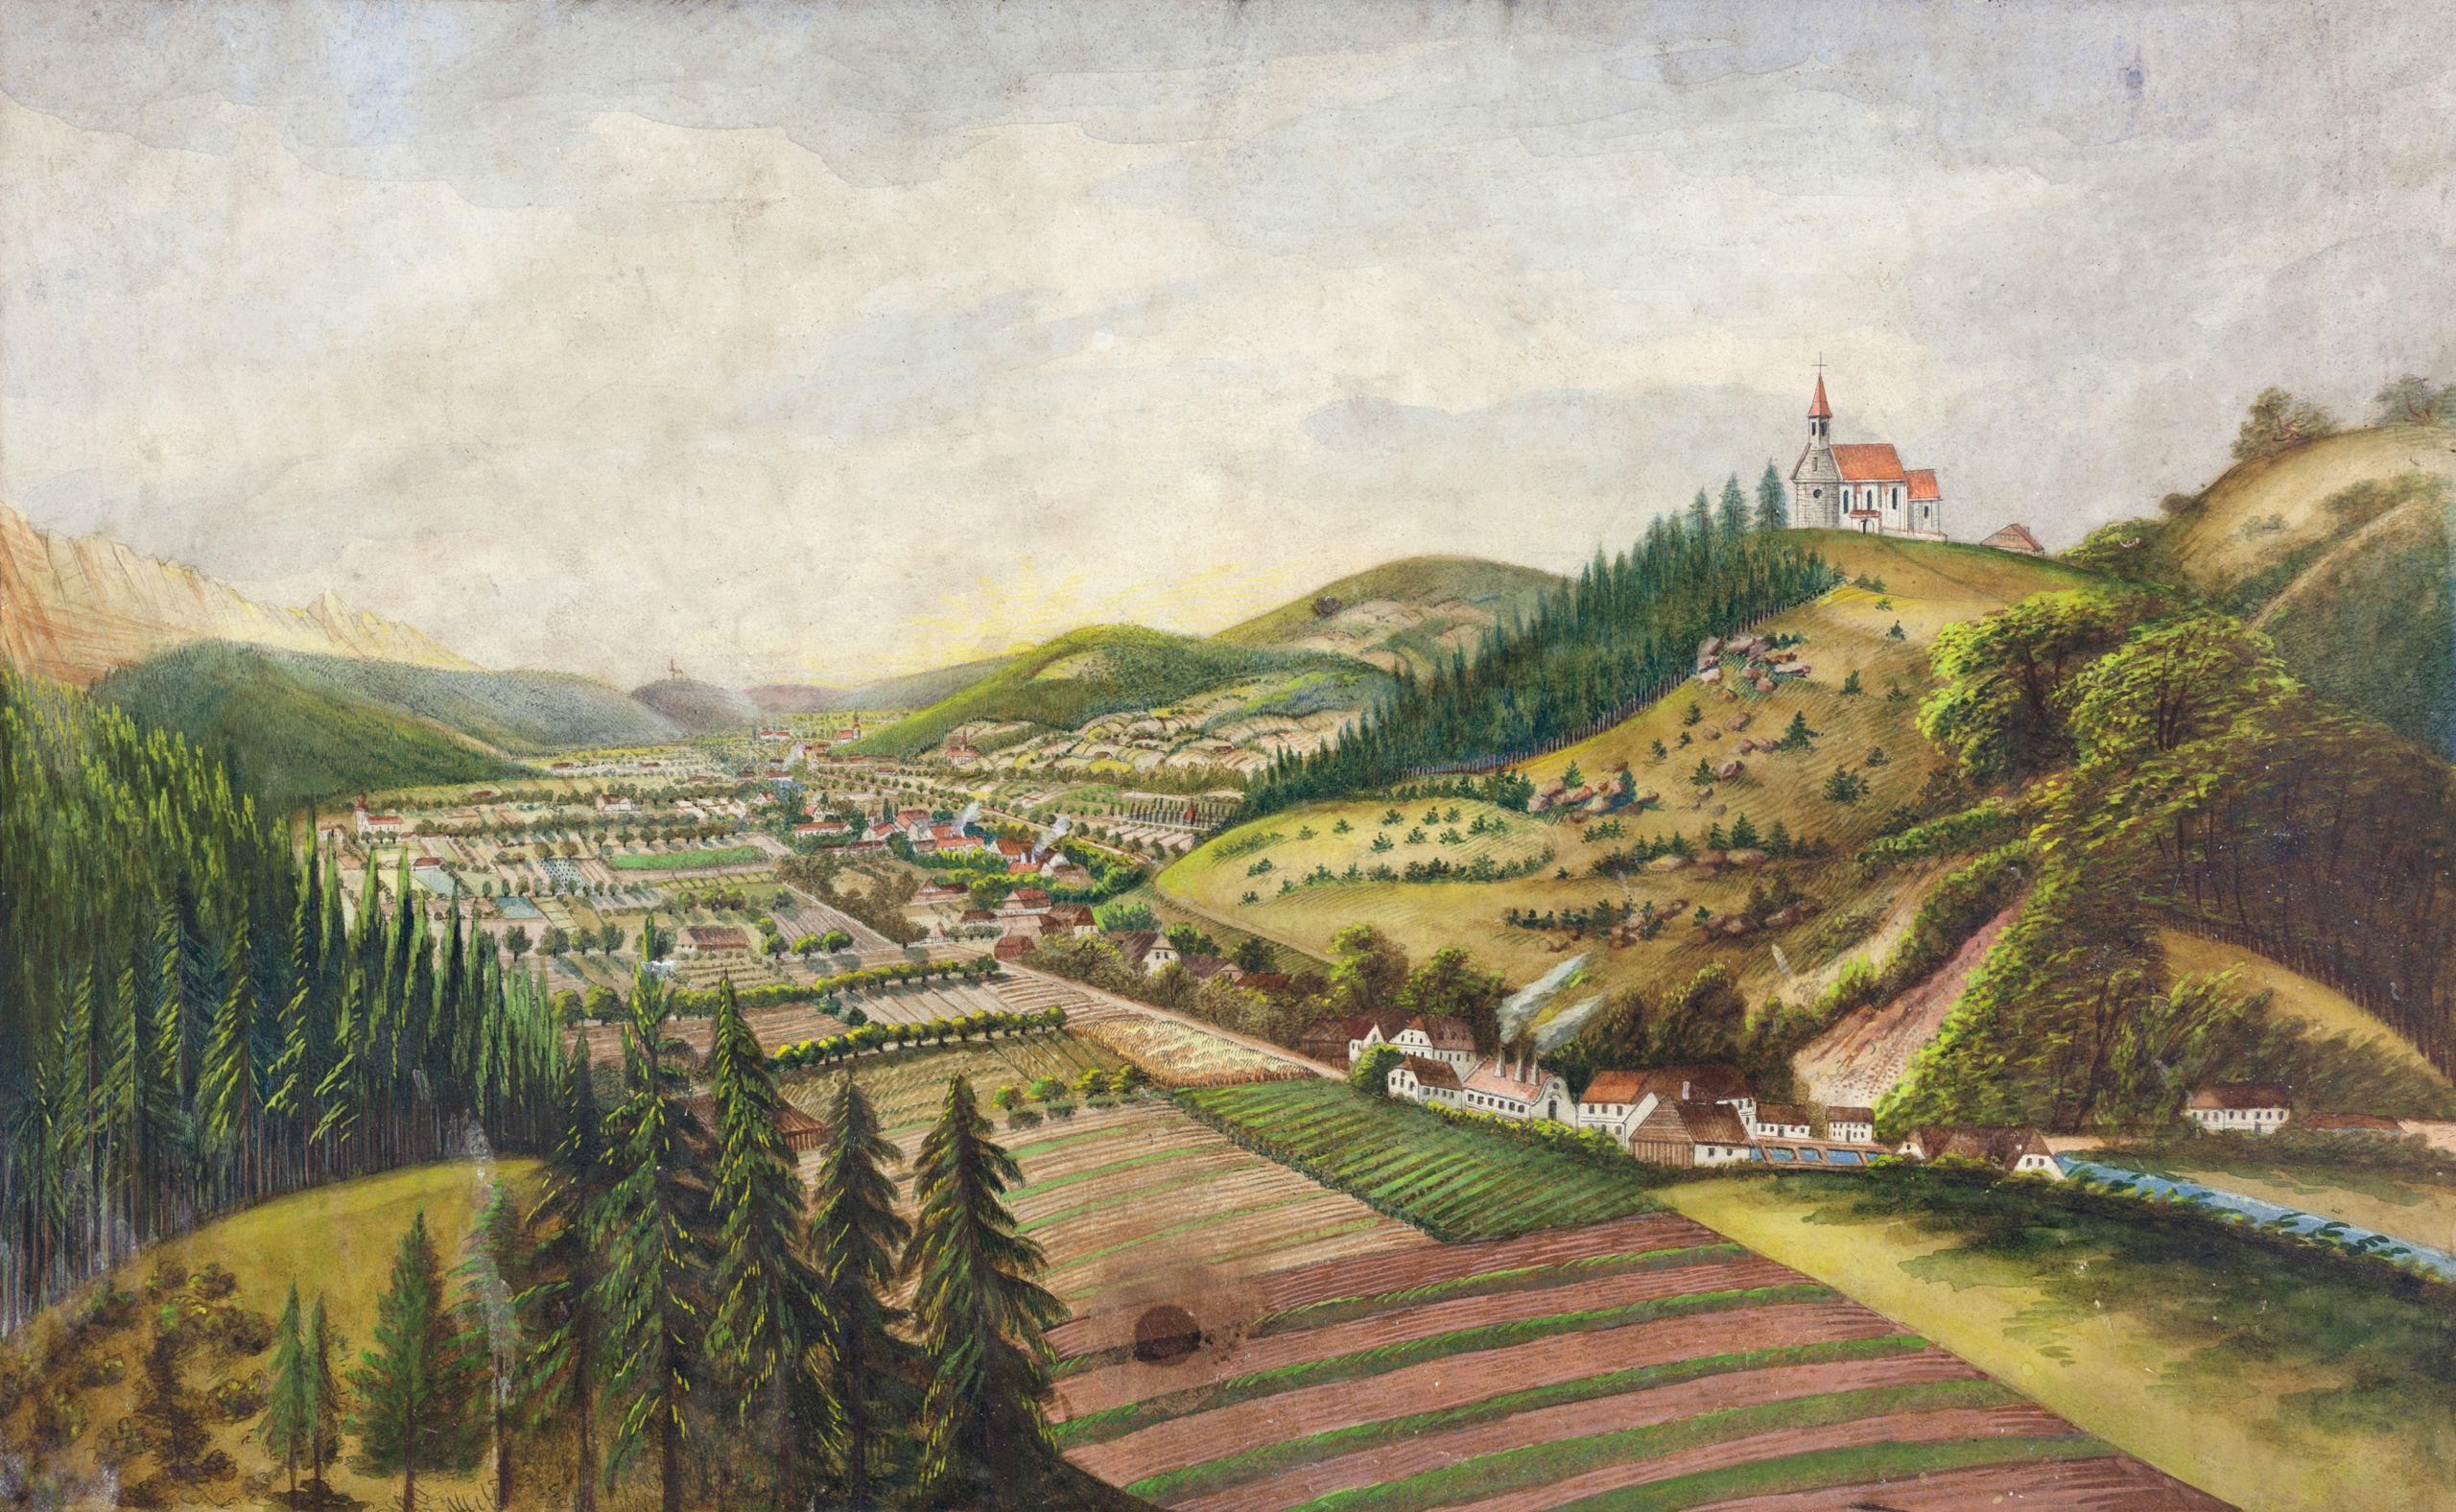 Micheldorf von Süden 19 Jahrhundert